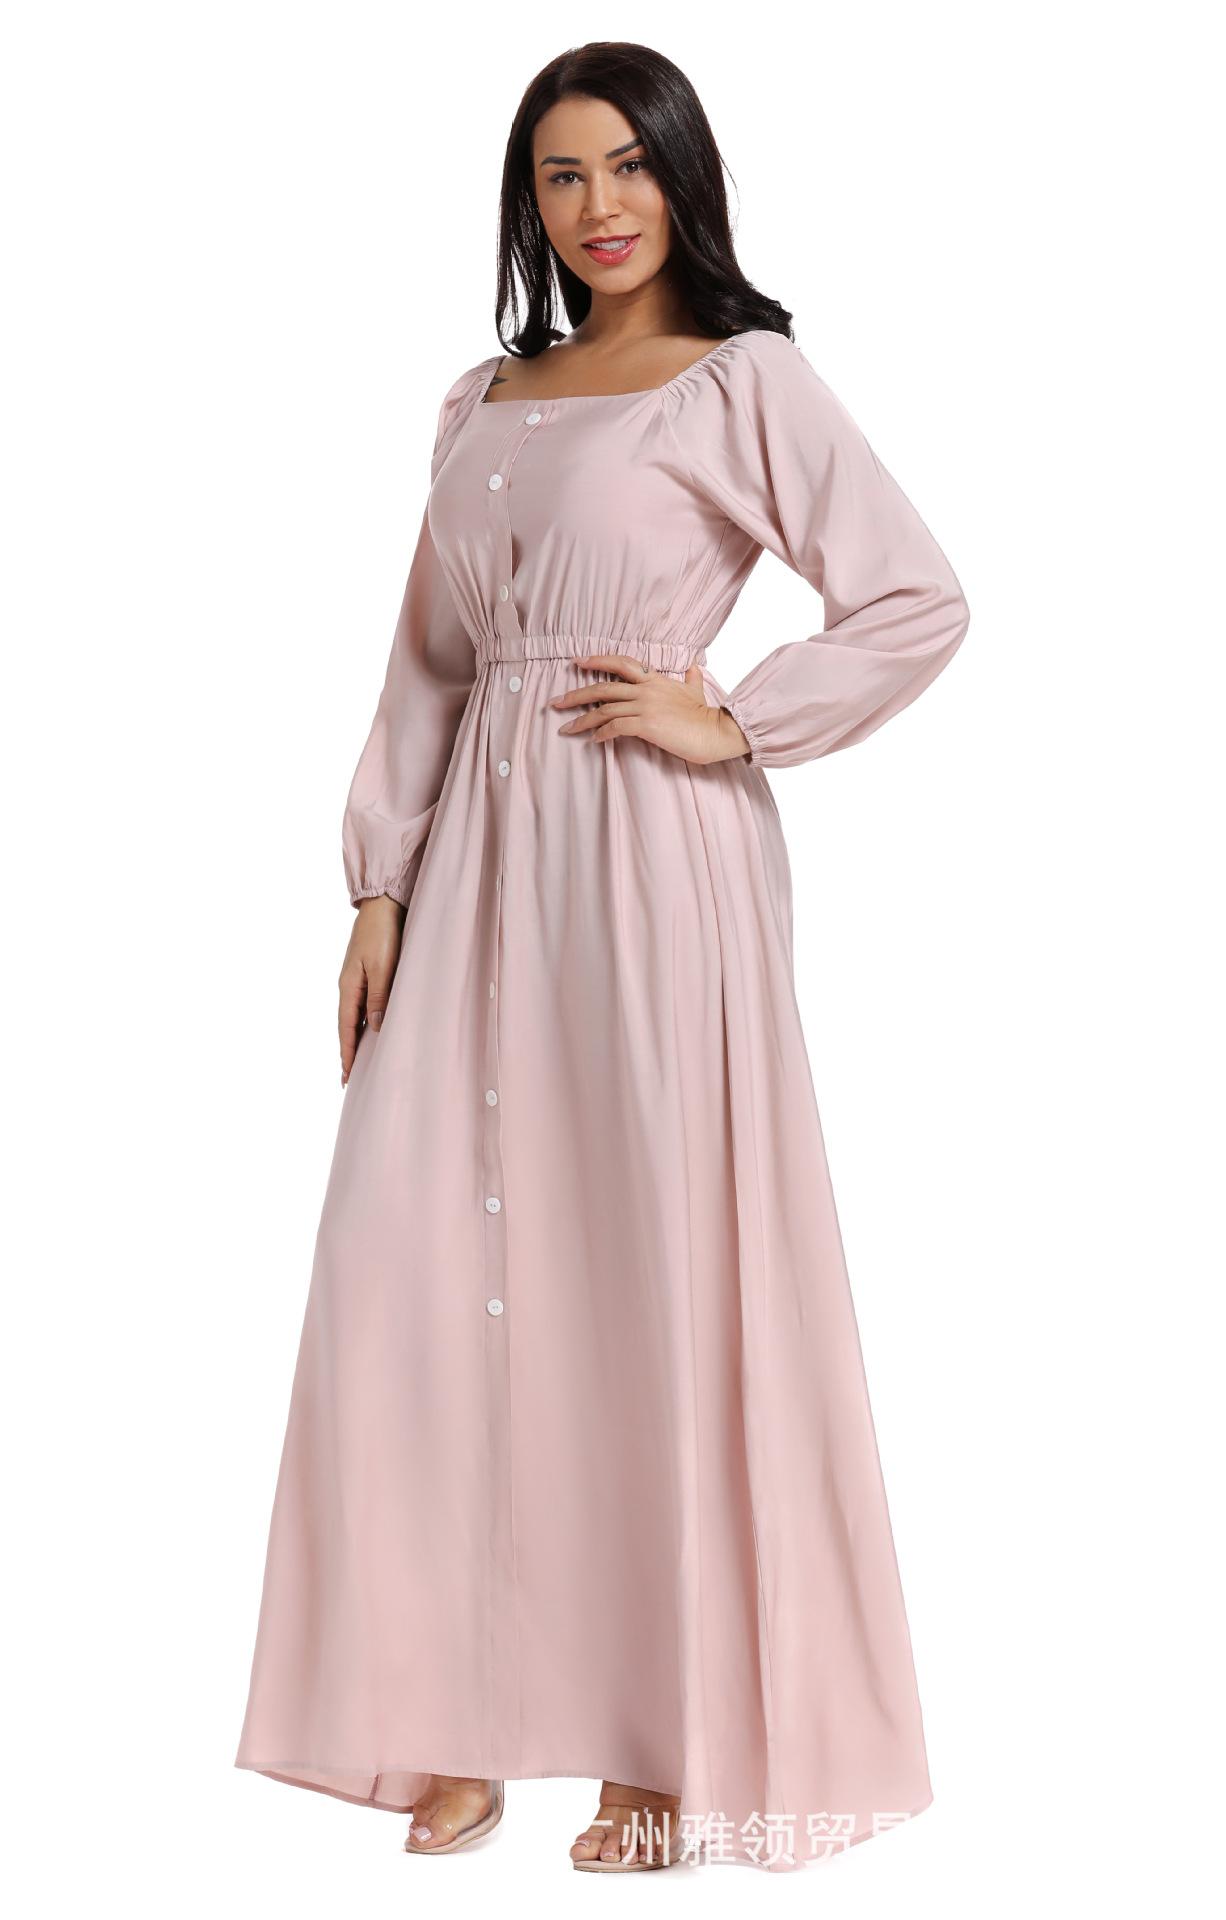 2019 جديد قماش عادي فستان بأكمام طويلة الإناث الشرق الأوسط مسلم بالإضافة إلى تنورة الأميرة طويلة الإناث تنورة الخصر فضفاضة